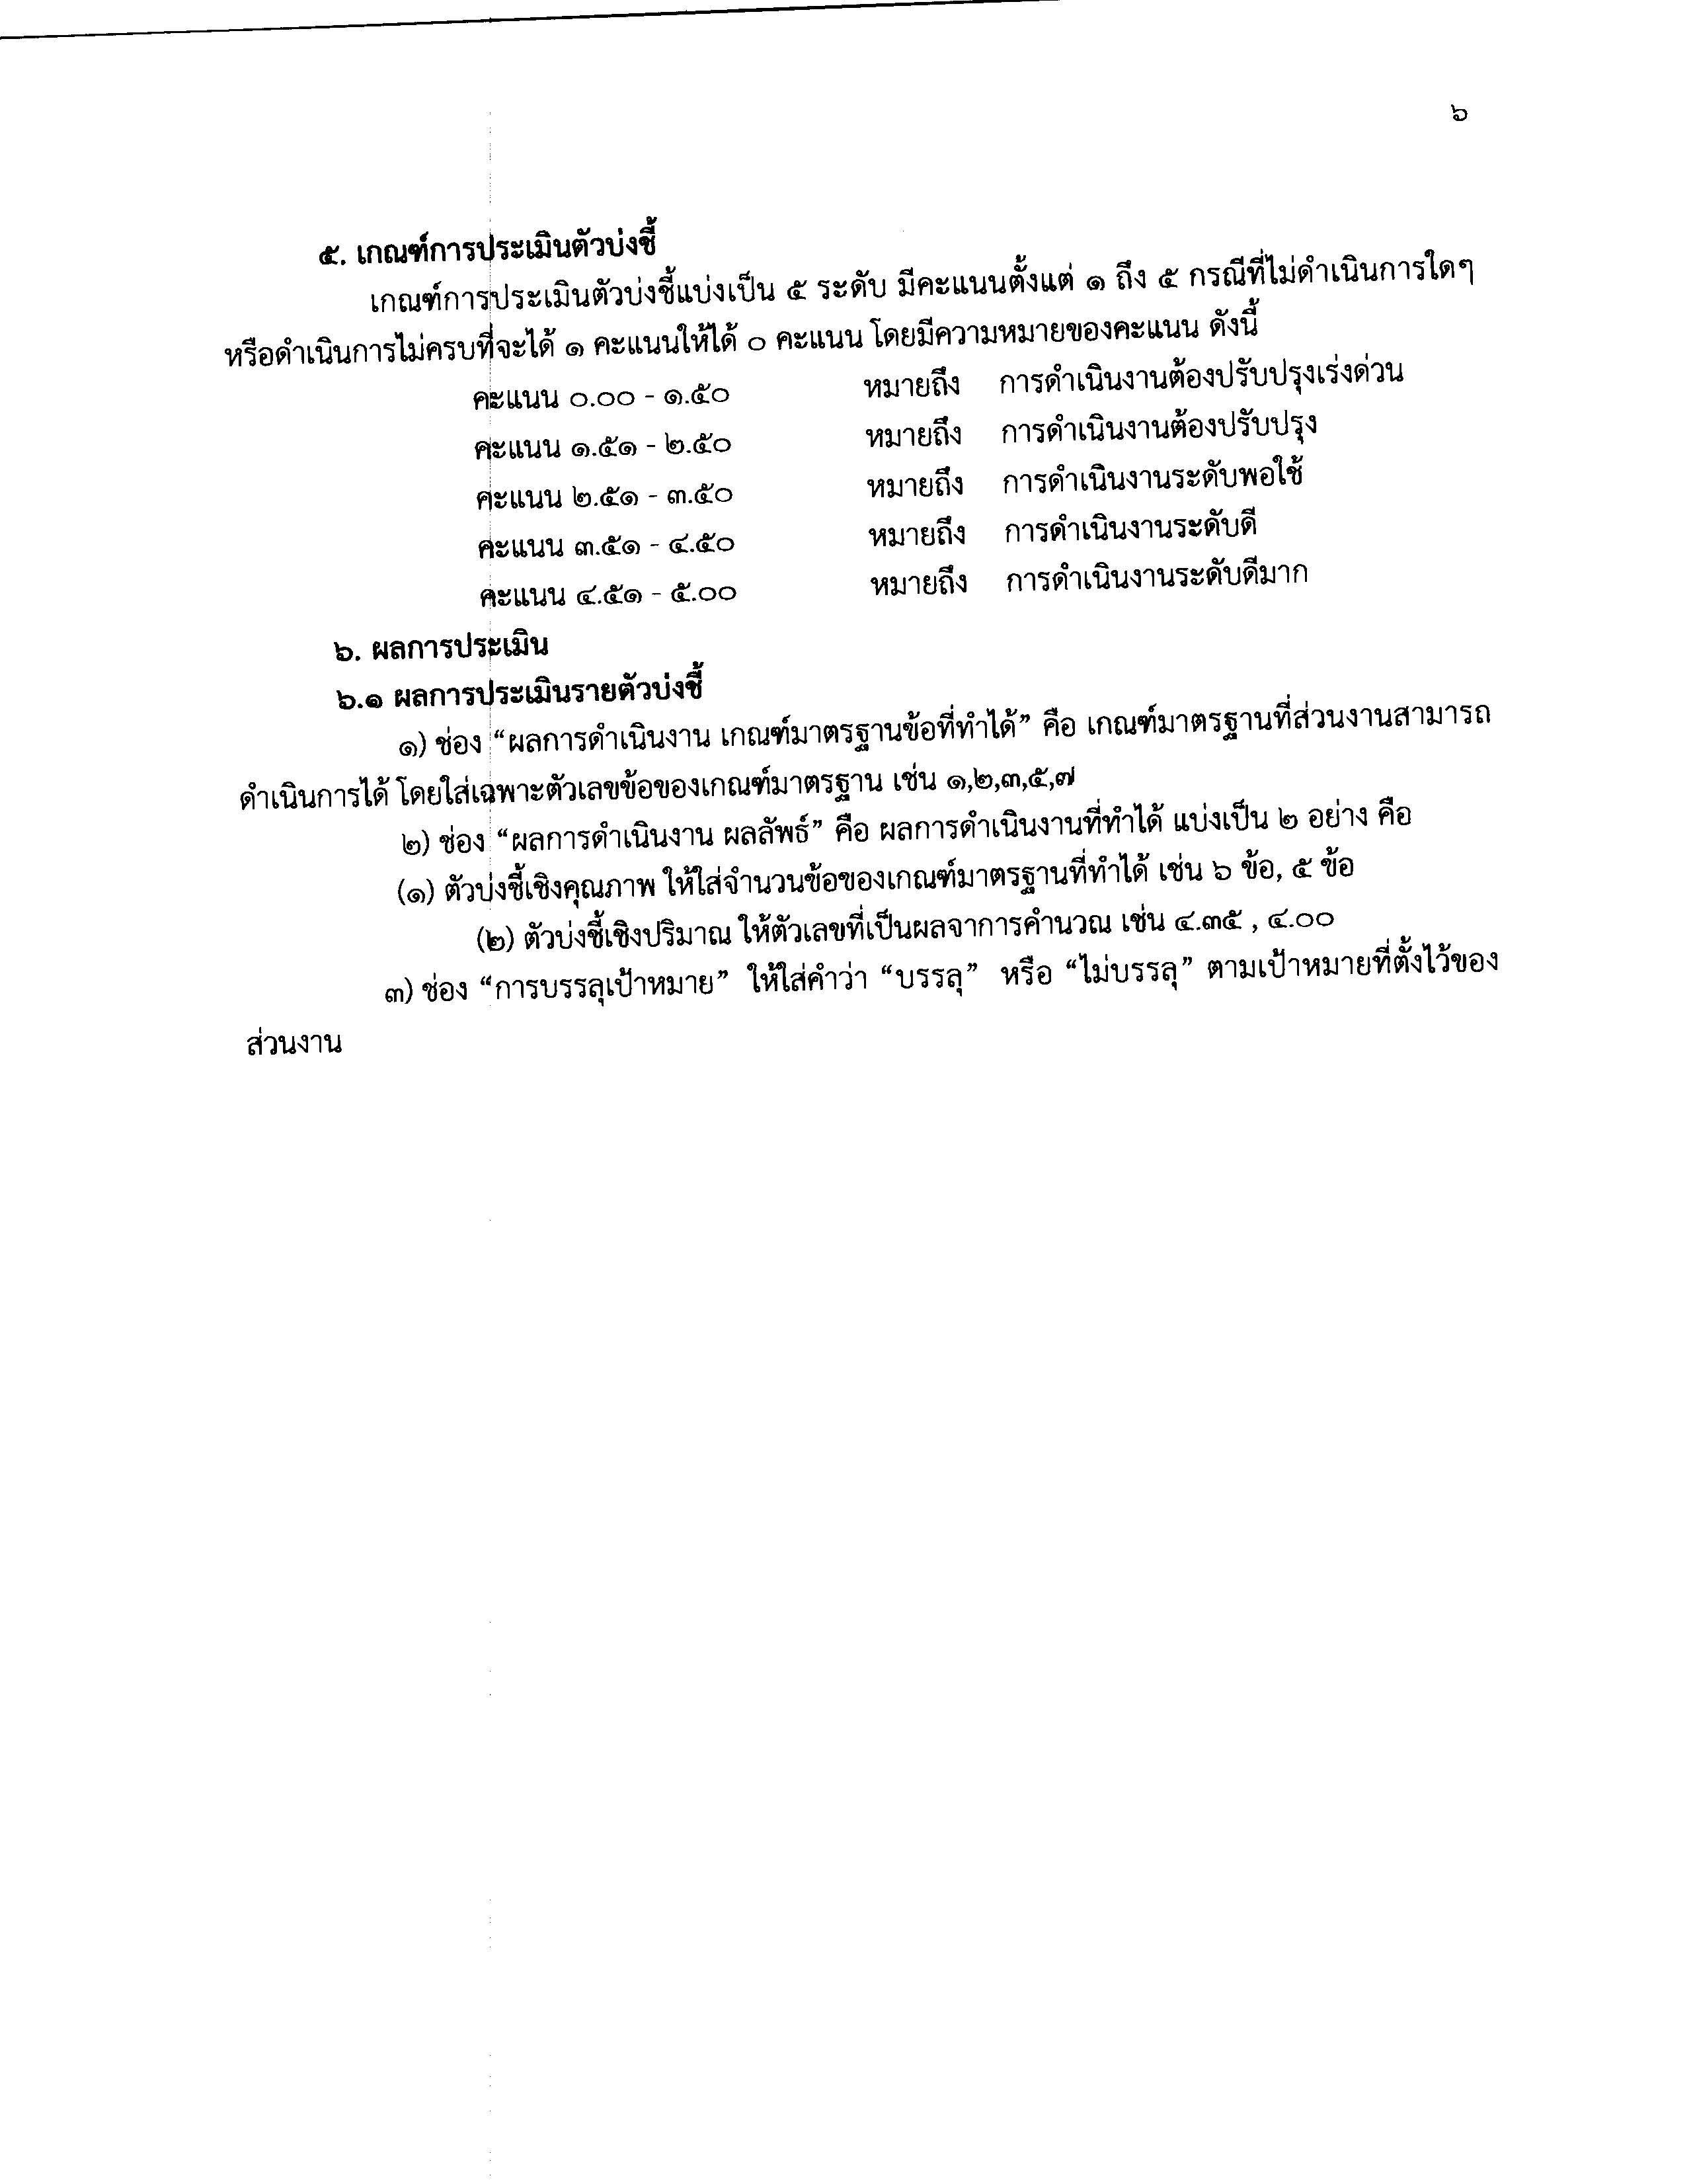 รายงานผลการประเมินคุณภาพภายในส่วนงานสนับสนุน_Page_09